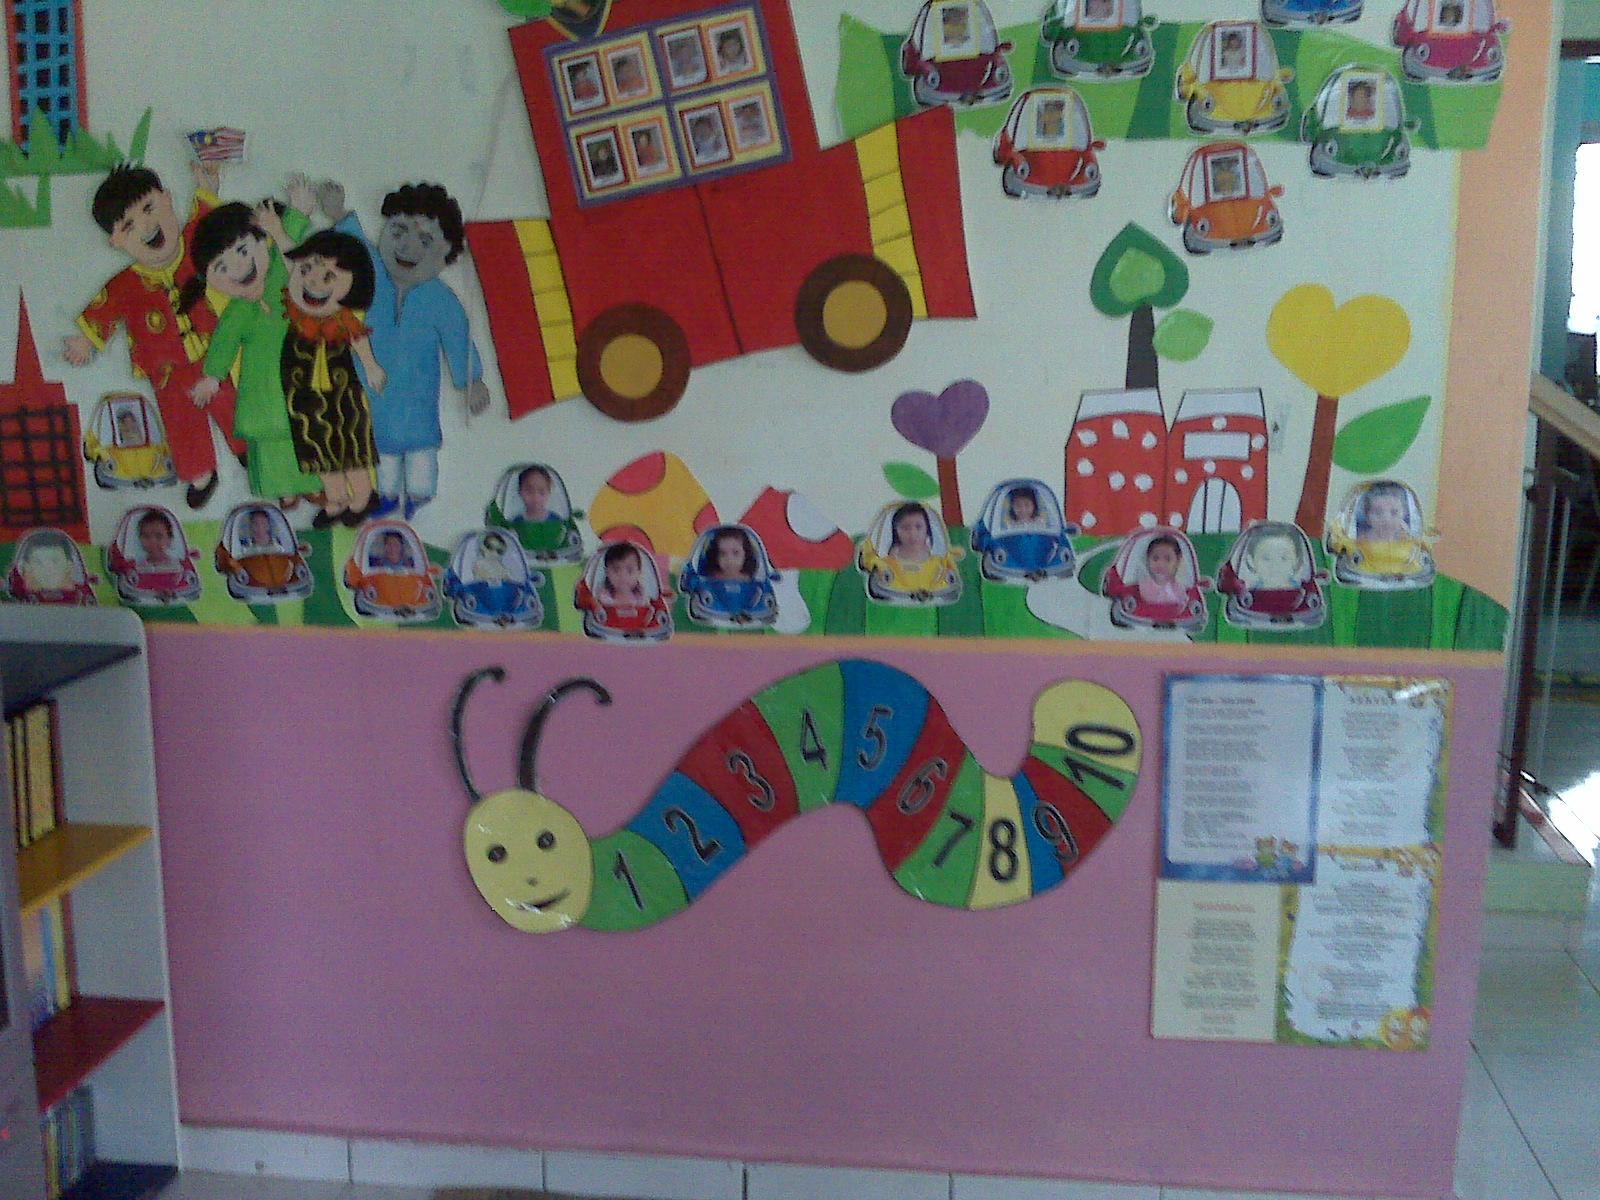 Gambar pusat jagaan kanak mpk taska proton shah alam for Mural untuk kanak kanak